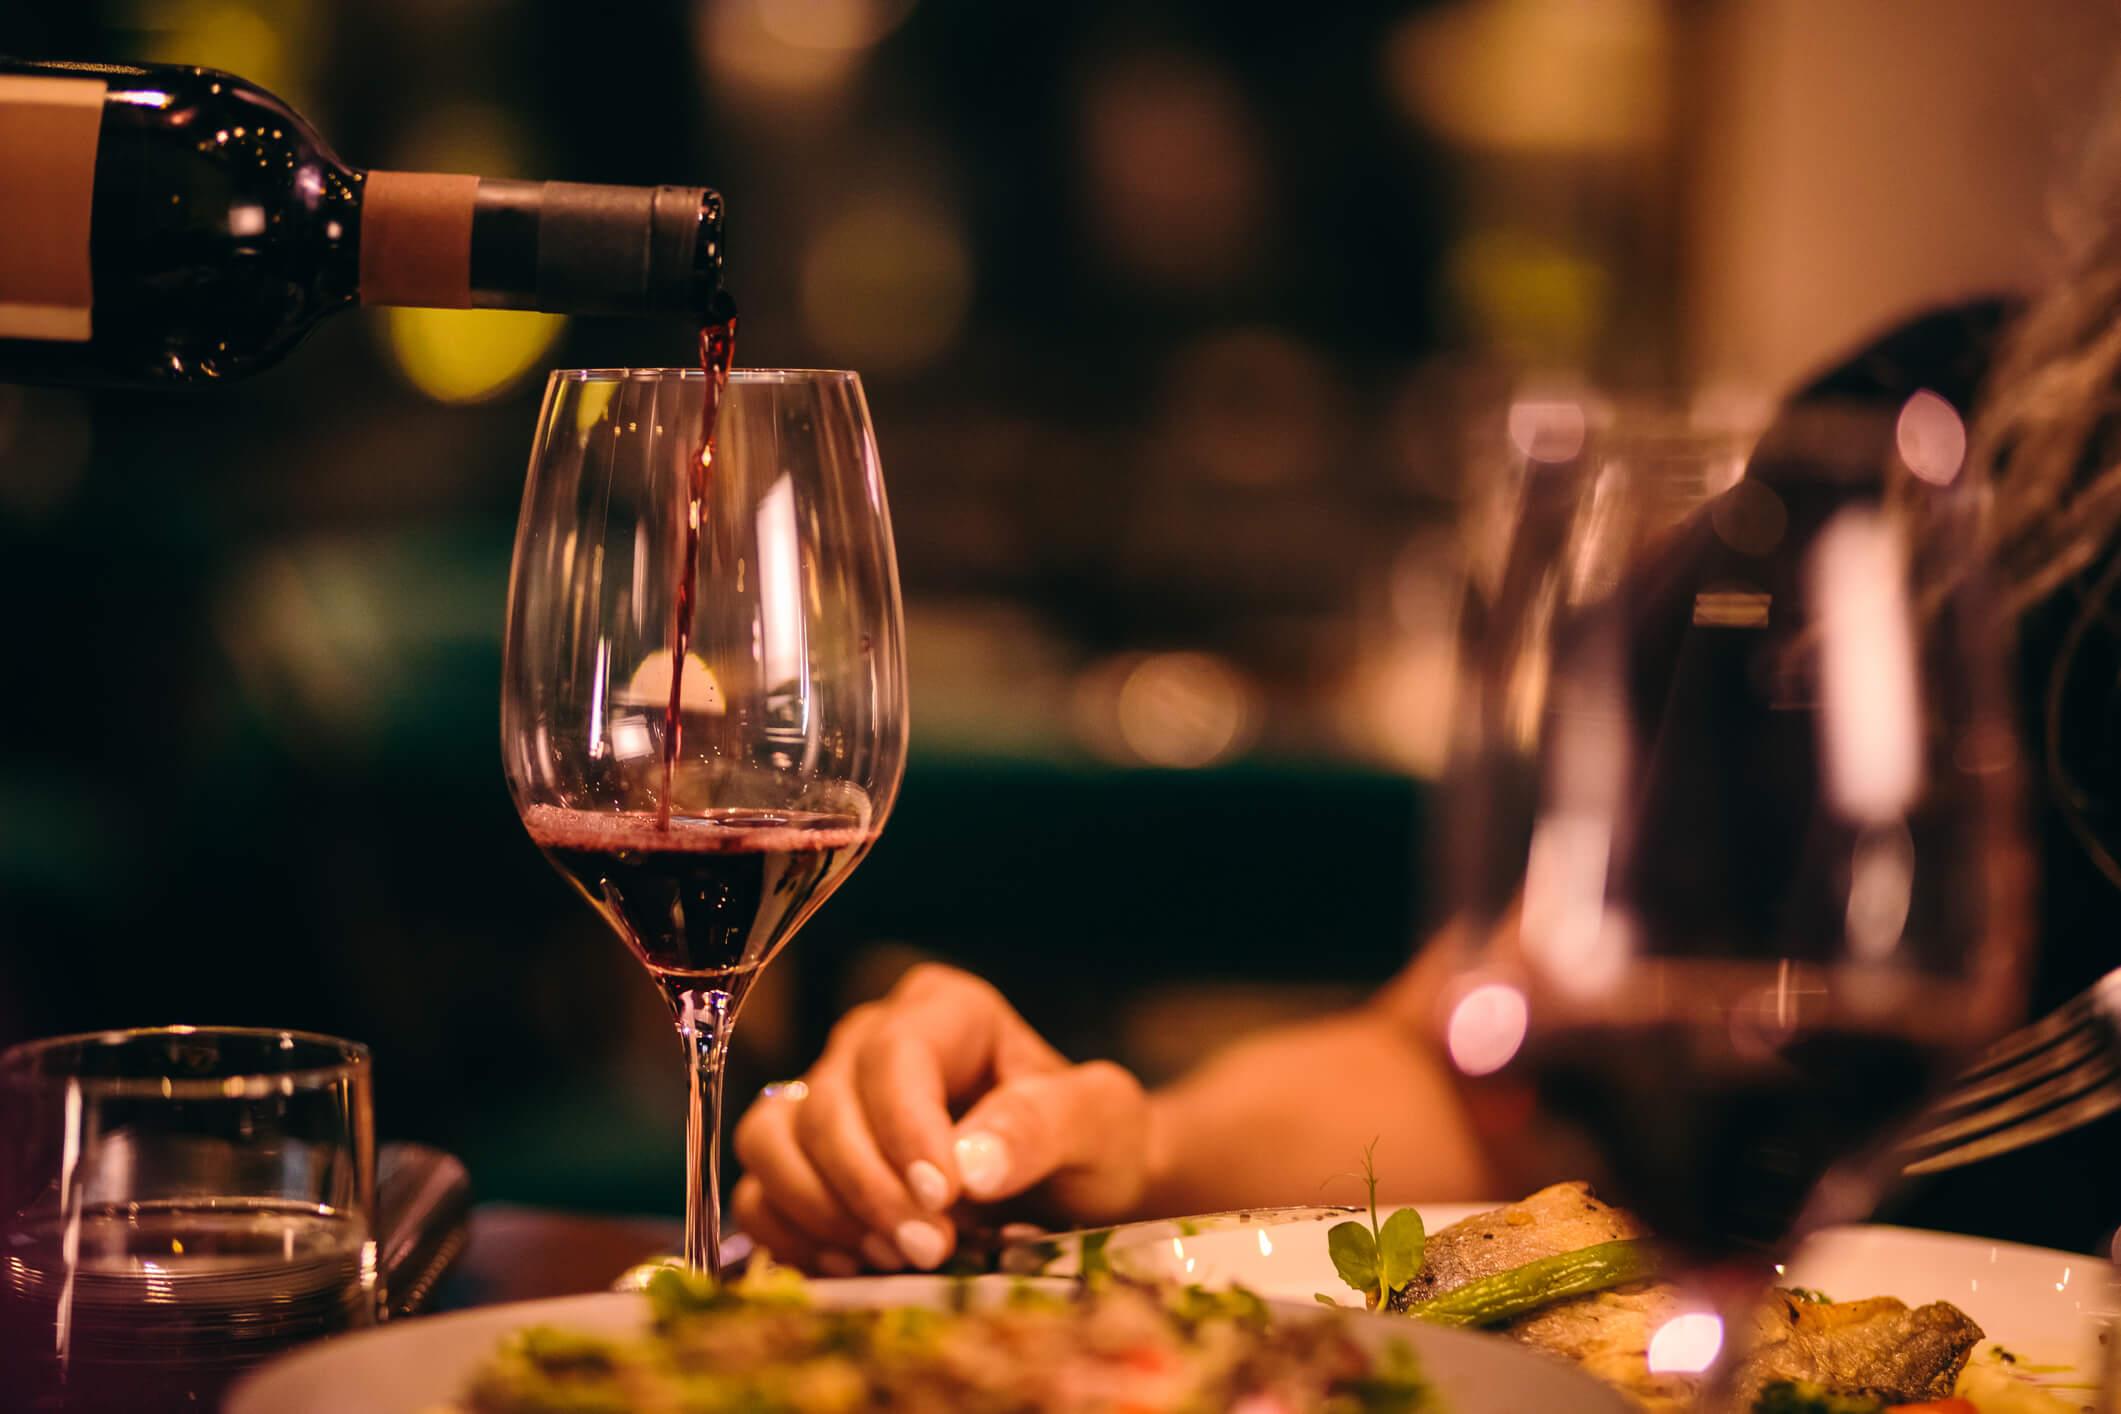 Onde comer no Guarujá? Confira 5 dicas de restaurantes!